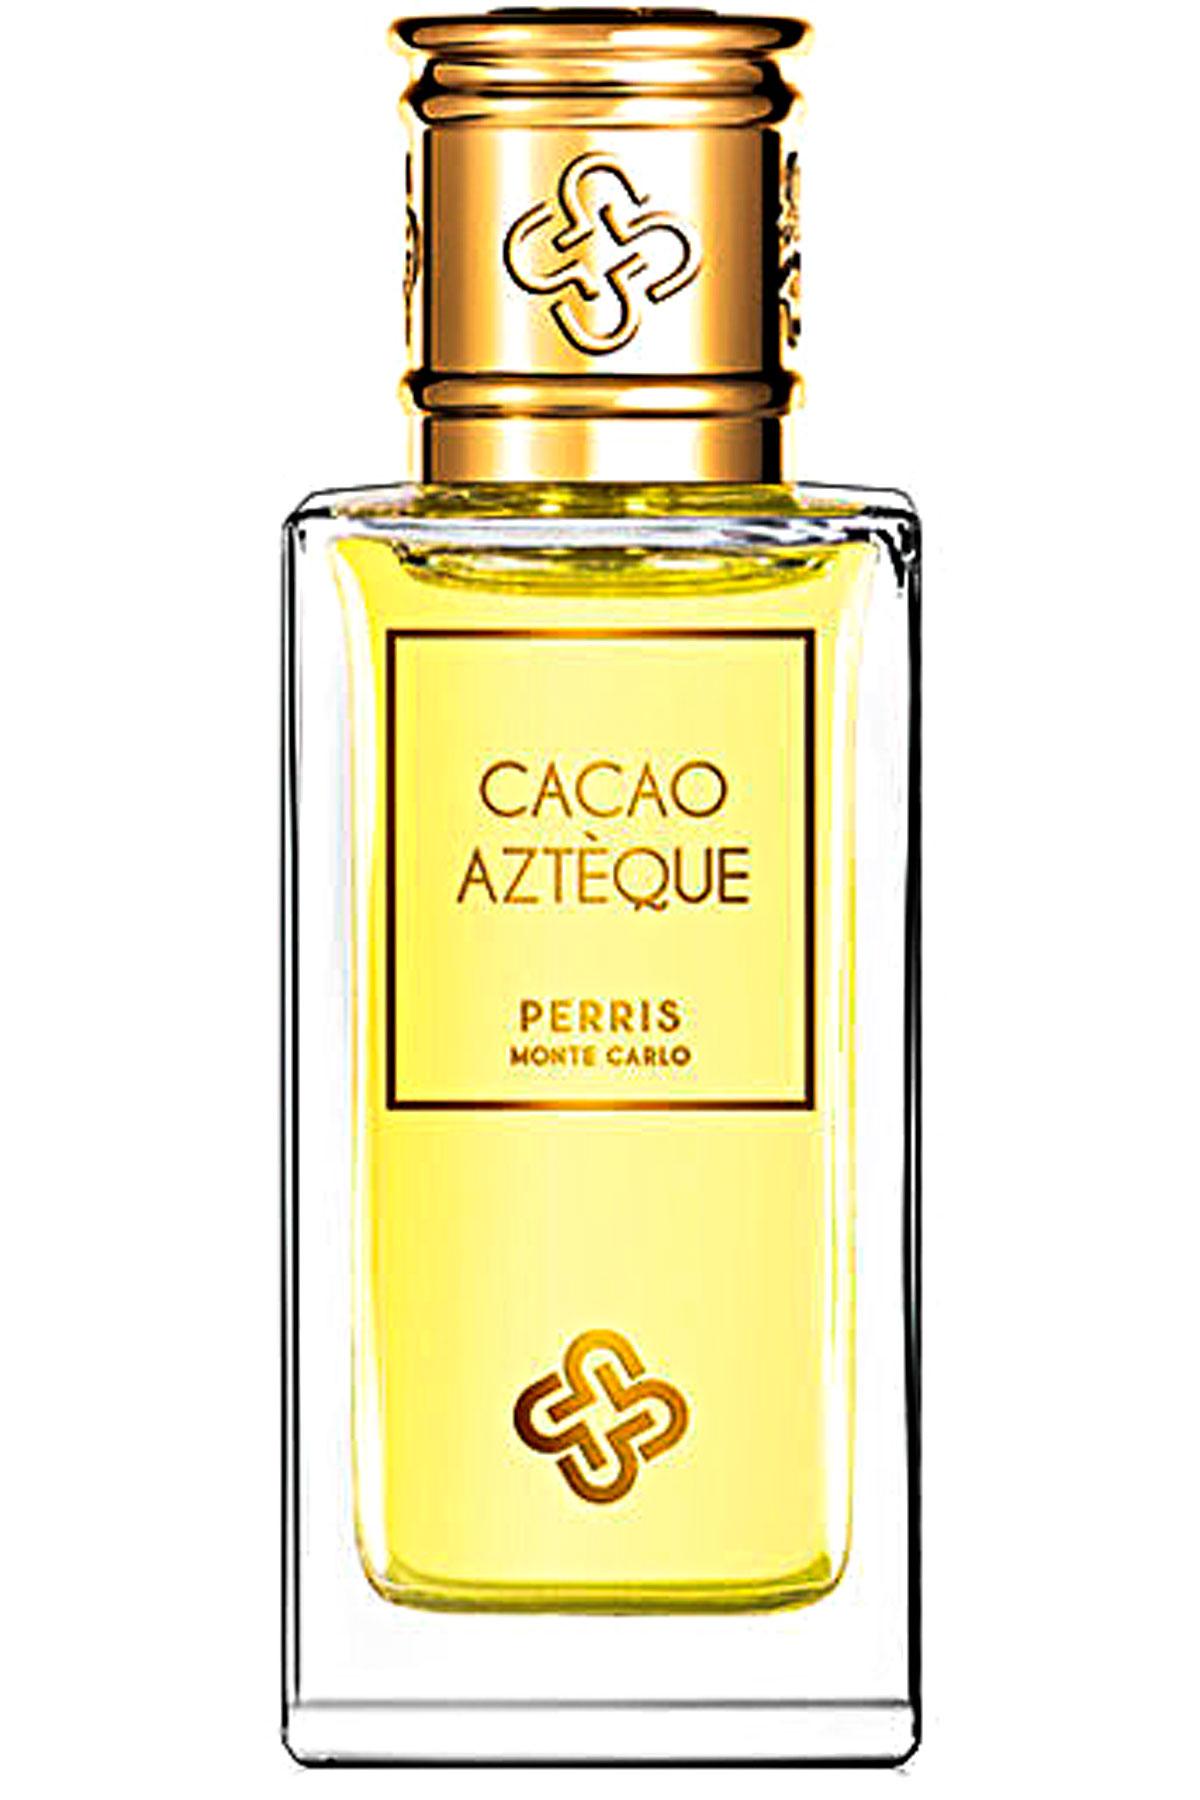 Perris Monte Carlo Fragrances for Men, Cacao Azteque - Extrait De Parfum - 50 Ml, 2019, 50 ml